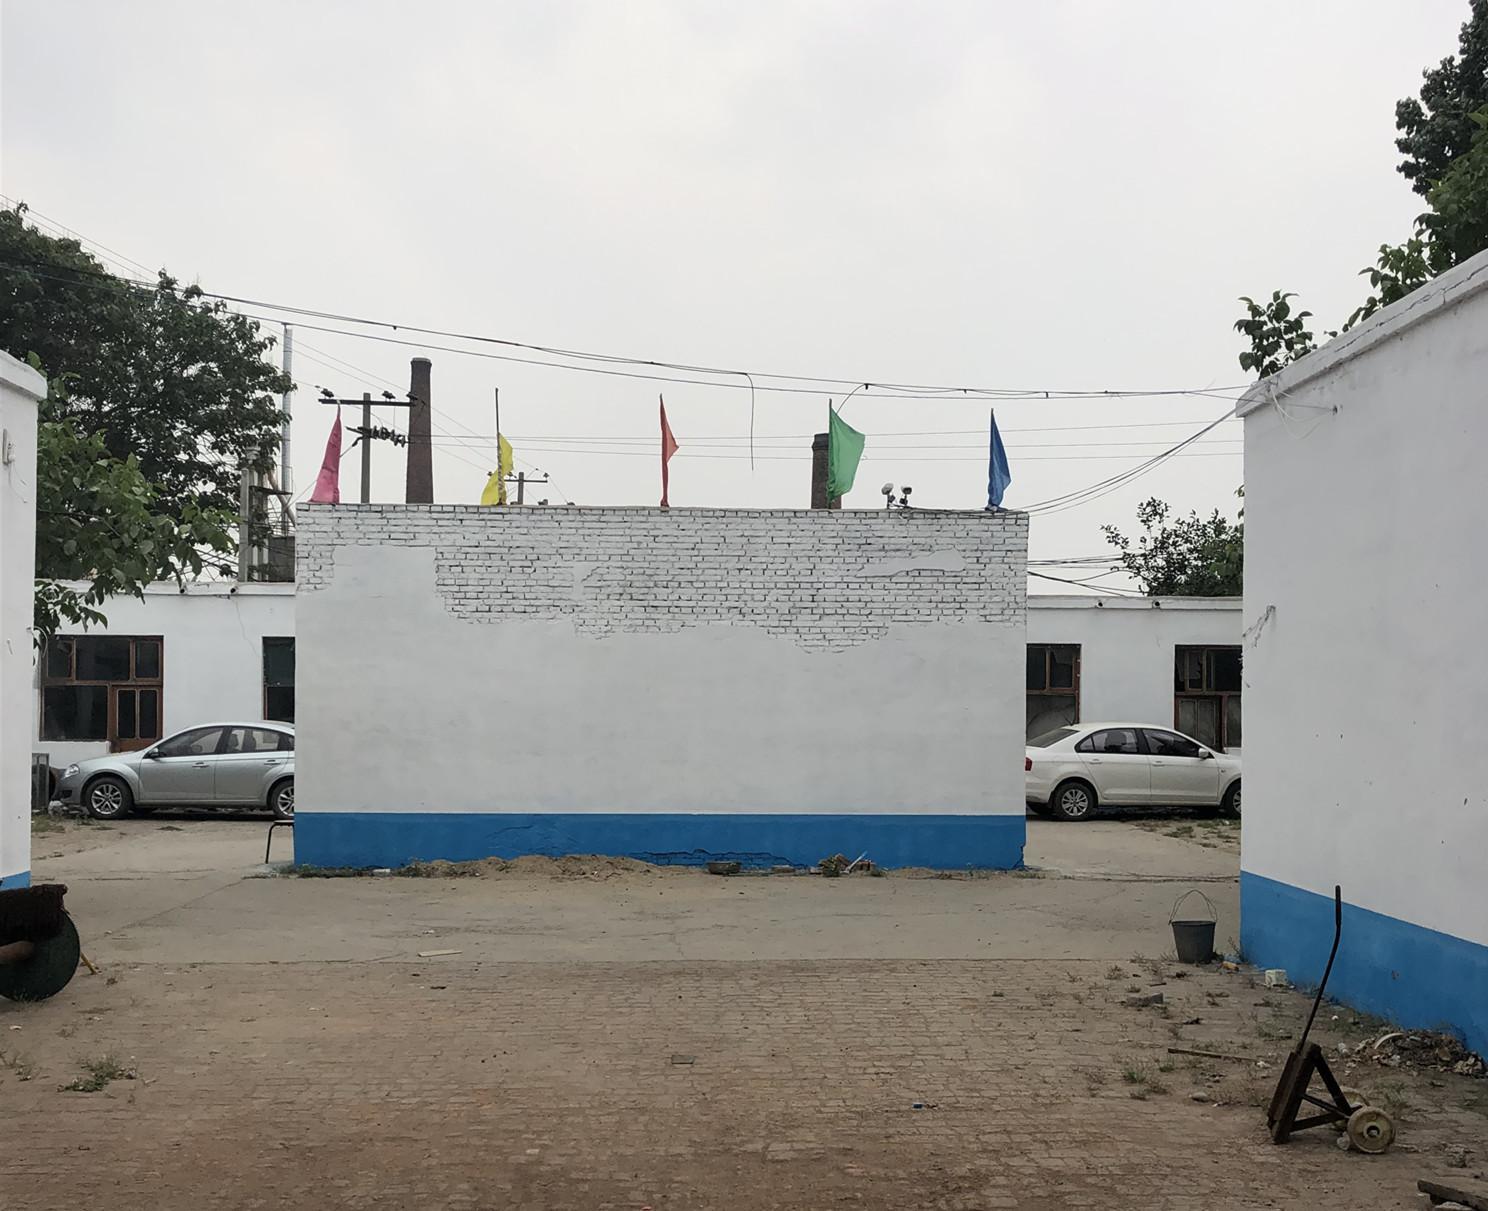 晋州冀中织布厂厂区一角_副本.jpg